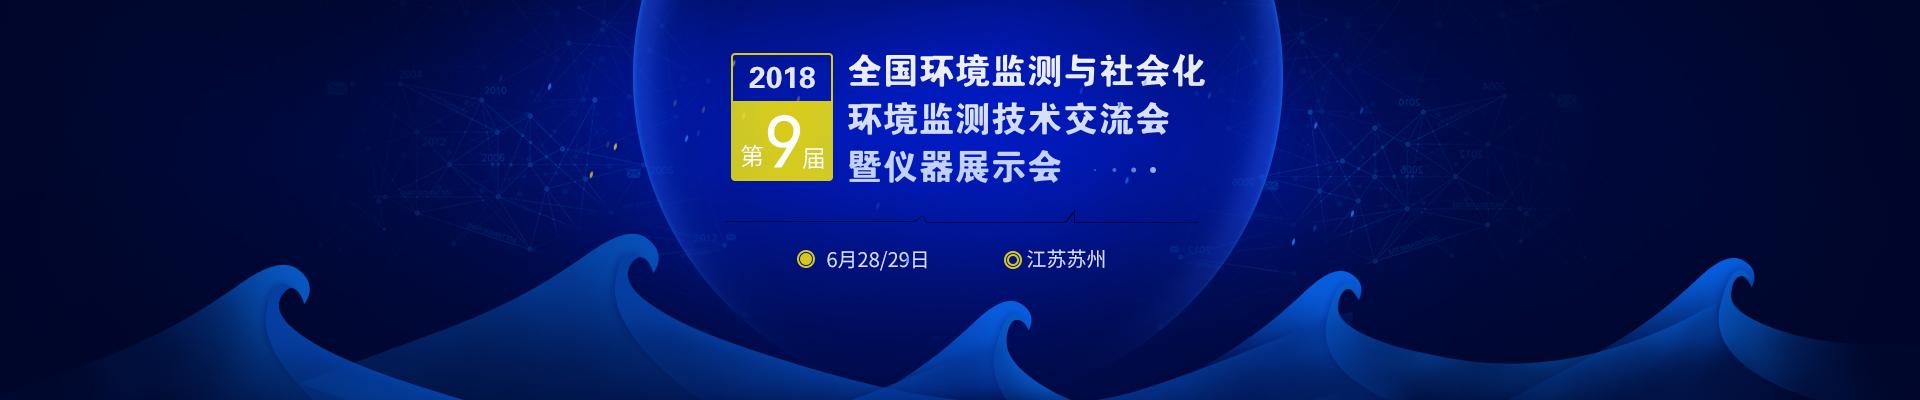 2018年第9届全国环境监测与社会化环境监测技术交流会暨仪器展示会